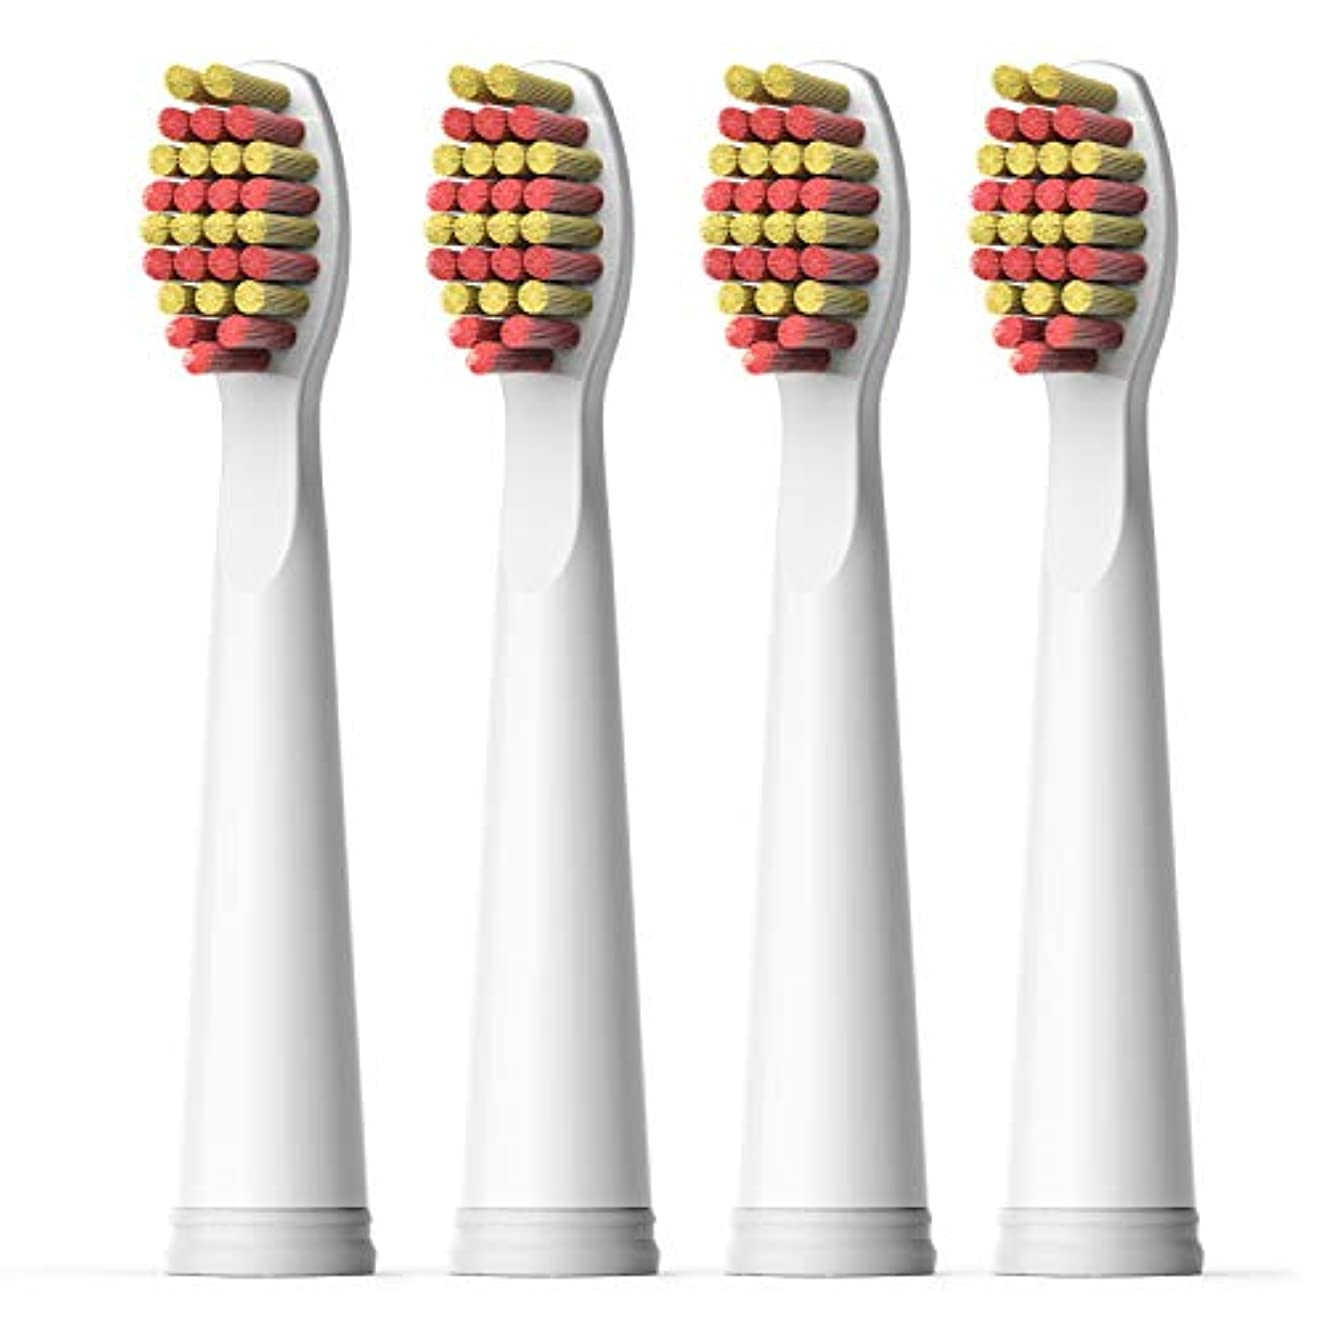 ピュークランプ予測するFairywill 電動歯ブラシ用 替ブラシ 4本入 互換ブラシ ブラシヘッド やわらかい BH04